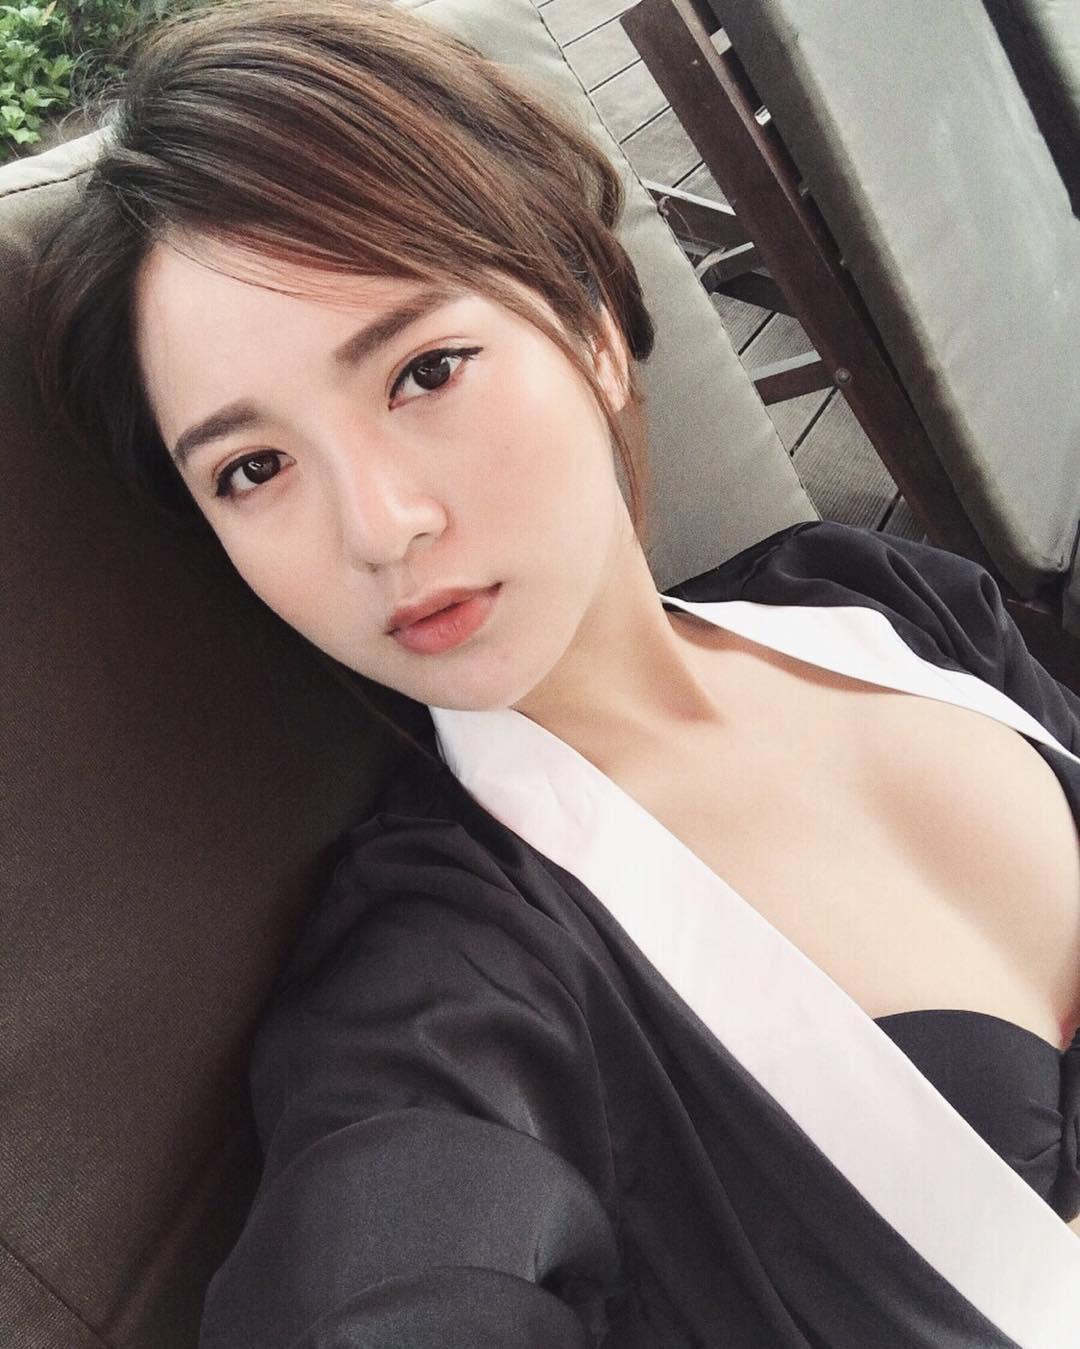 Nguyễn Tú Linh Hottest